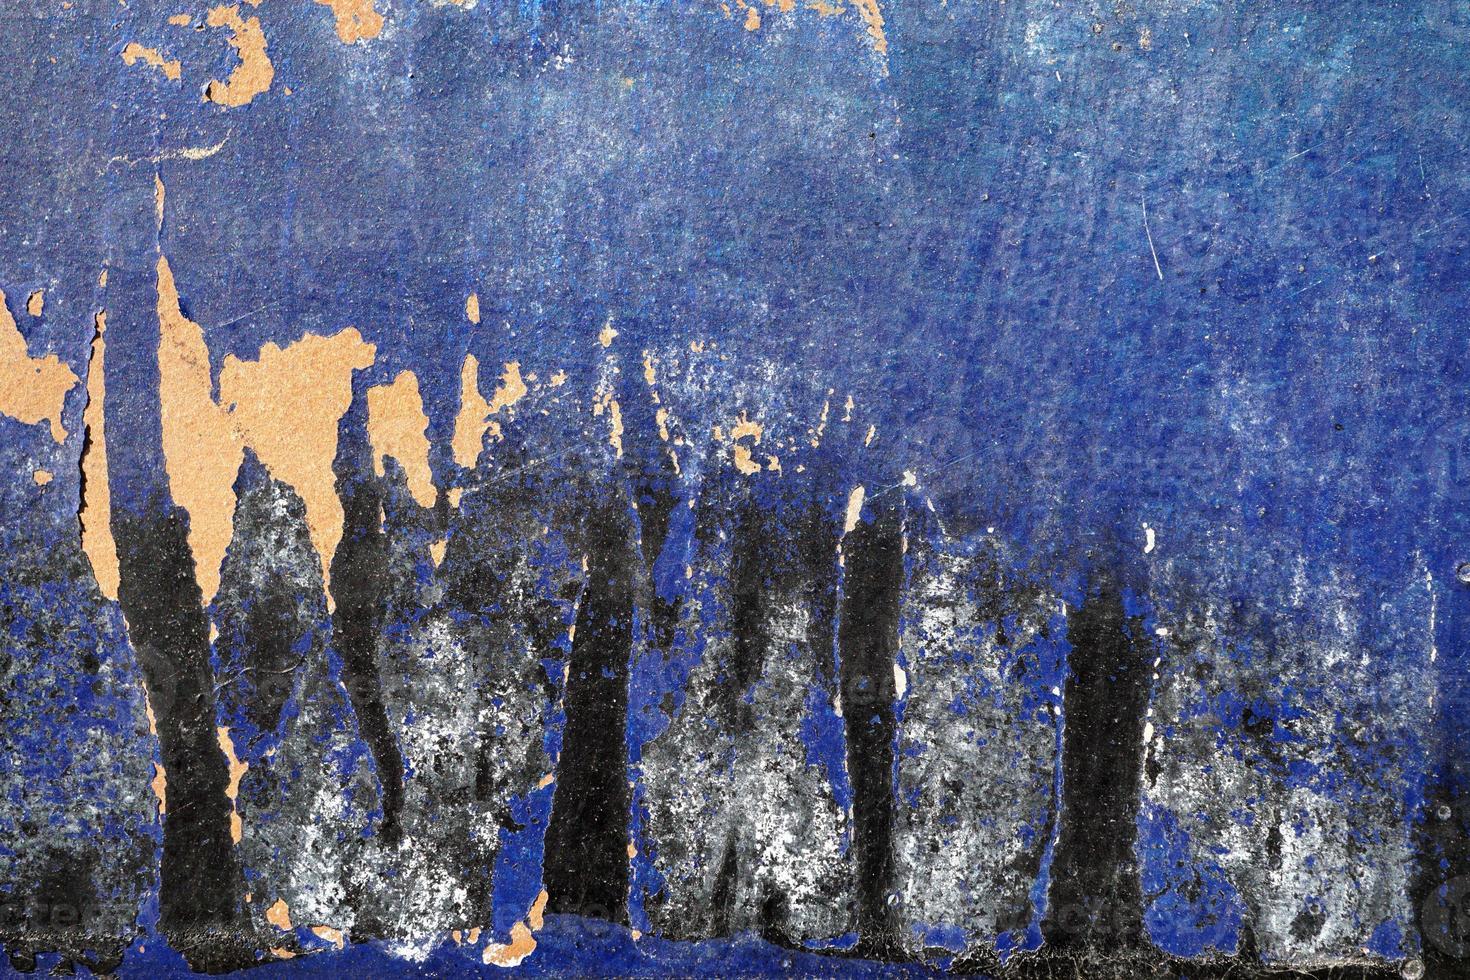 heisere, zerkratzte, geschälte Oberfläche mit blauem, weißem und schwarzem Pai foto